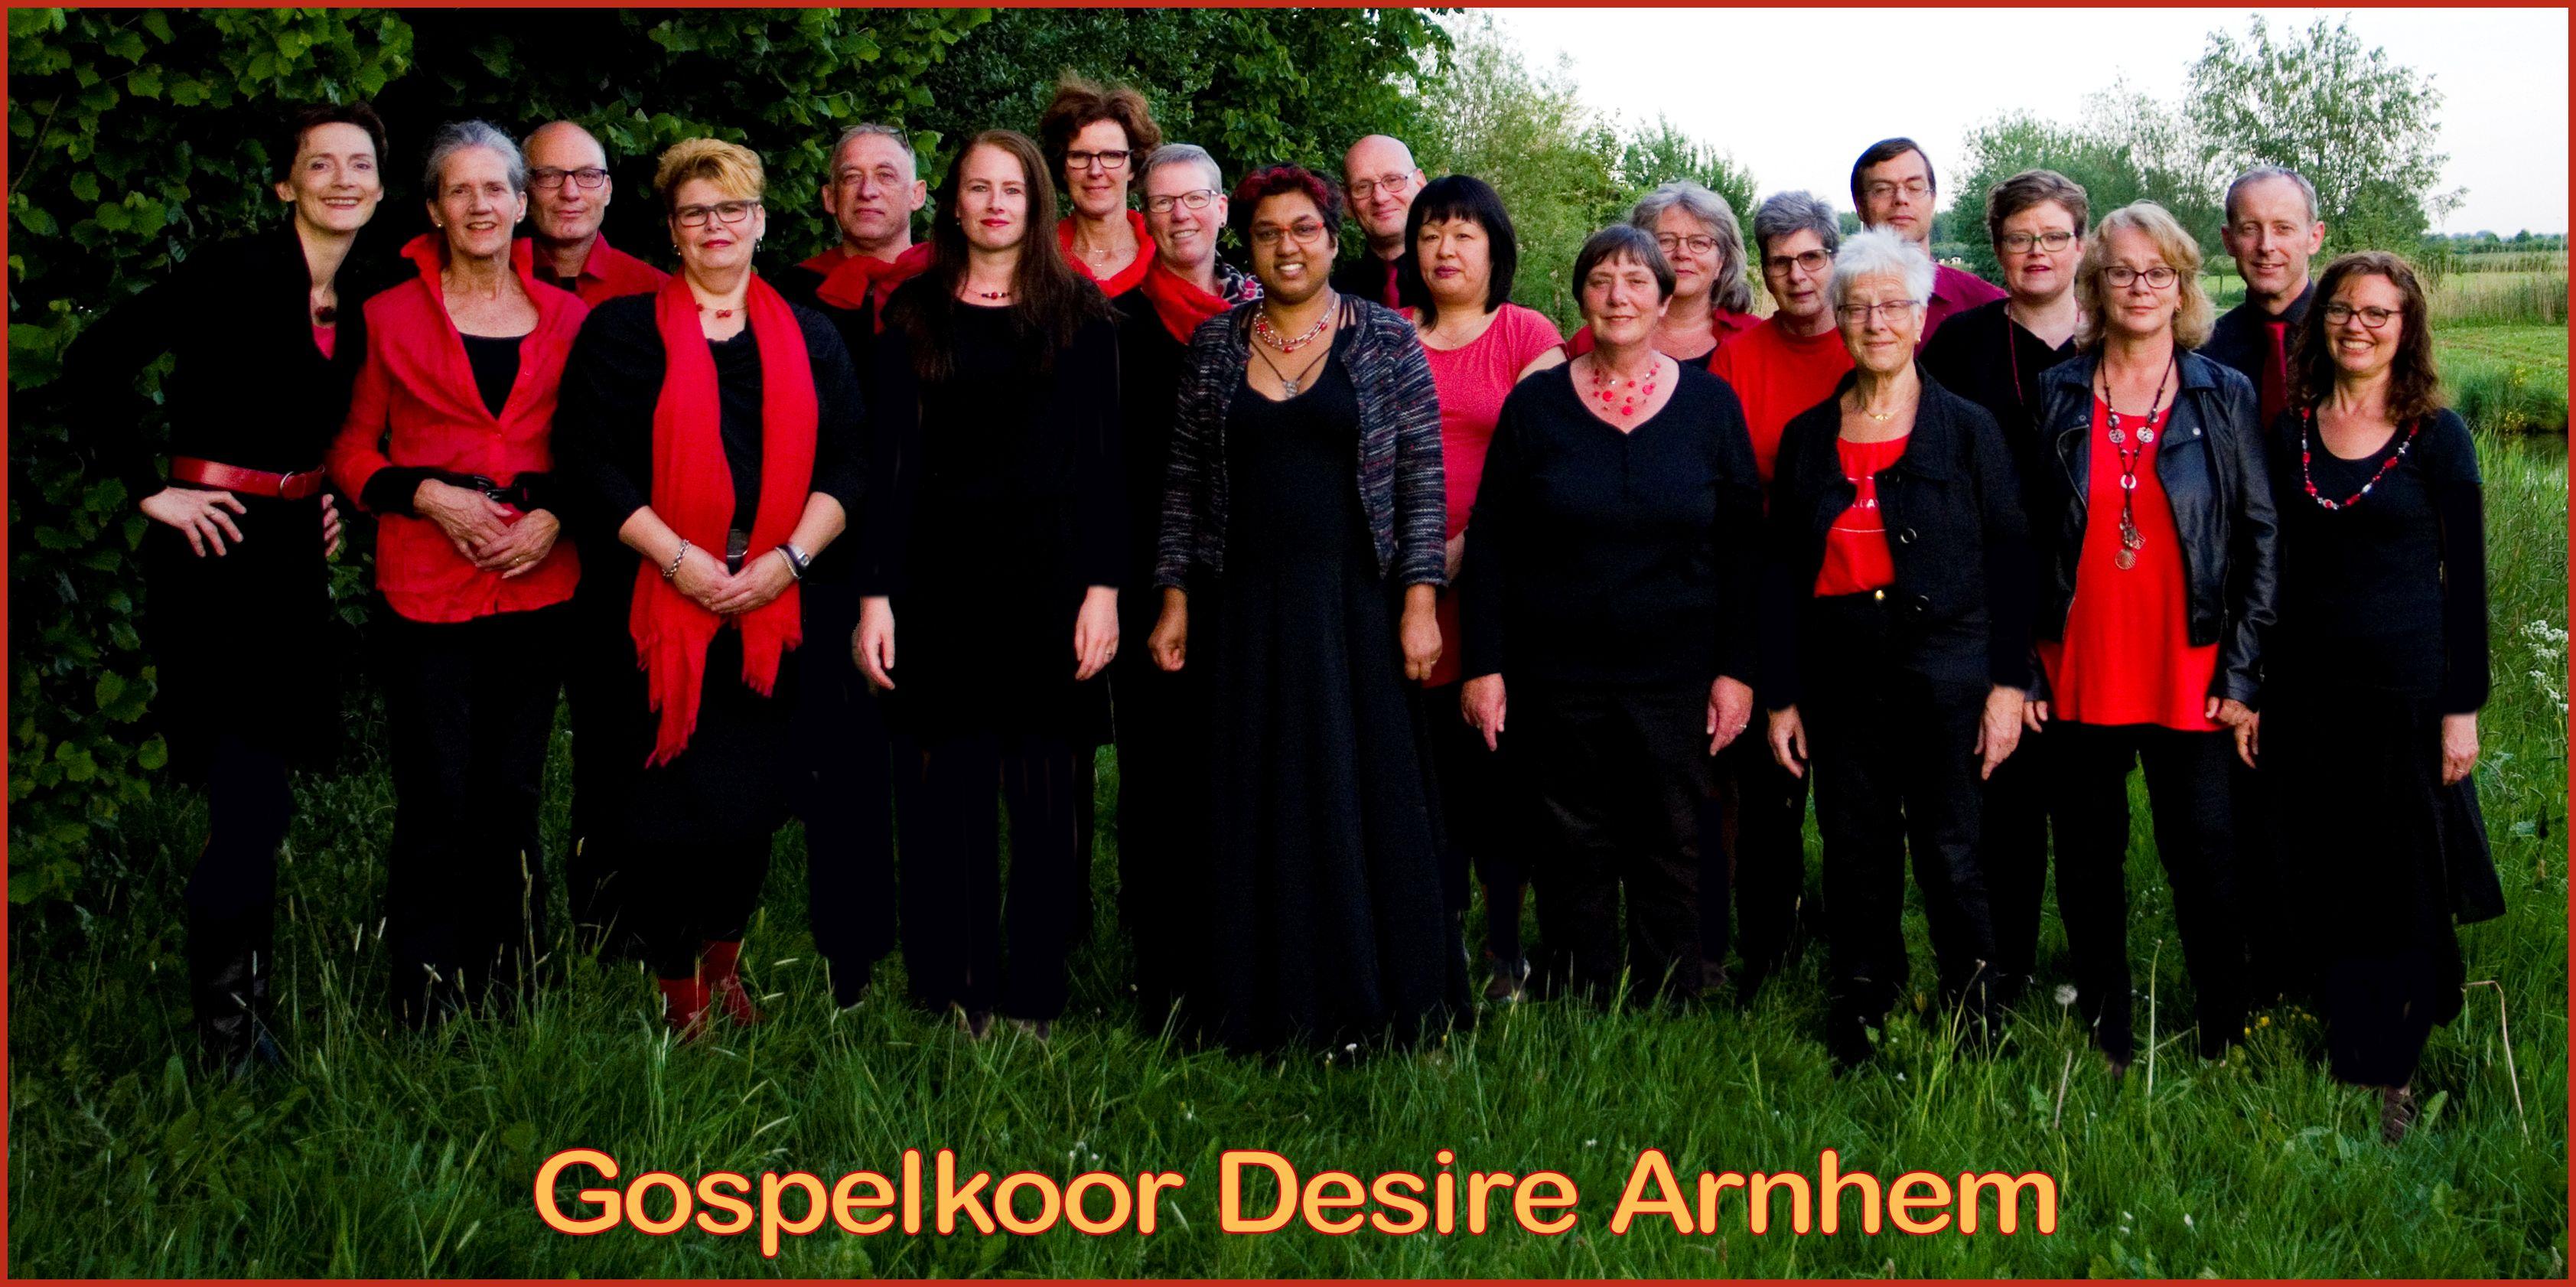 Groepsfoto Gospelkoor Desire Winter